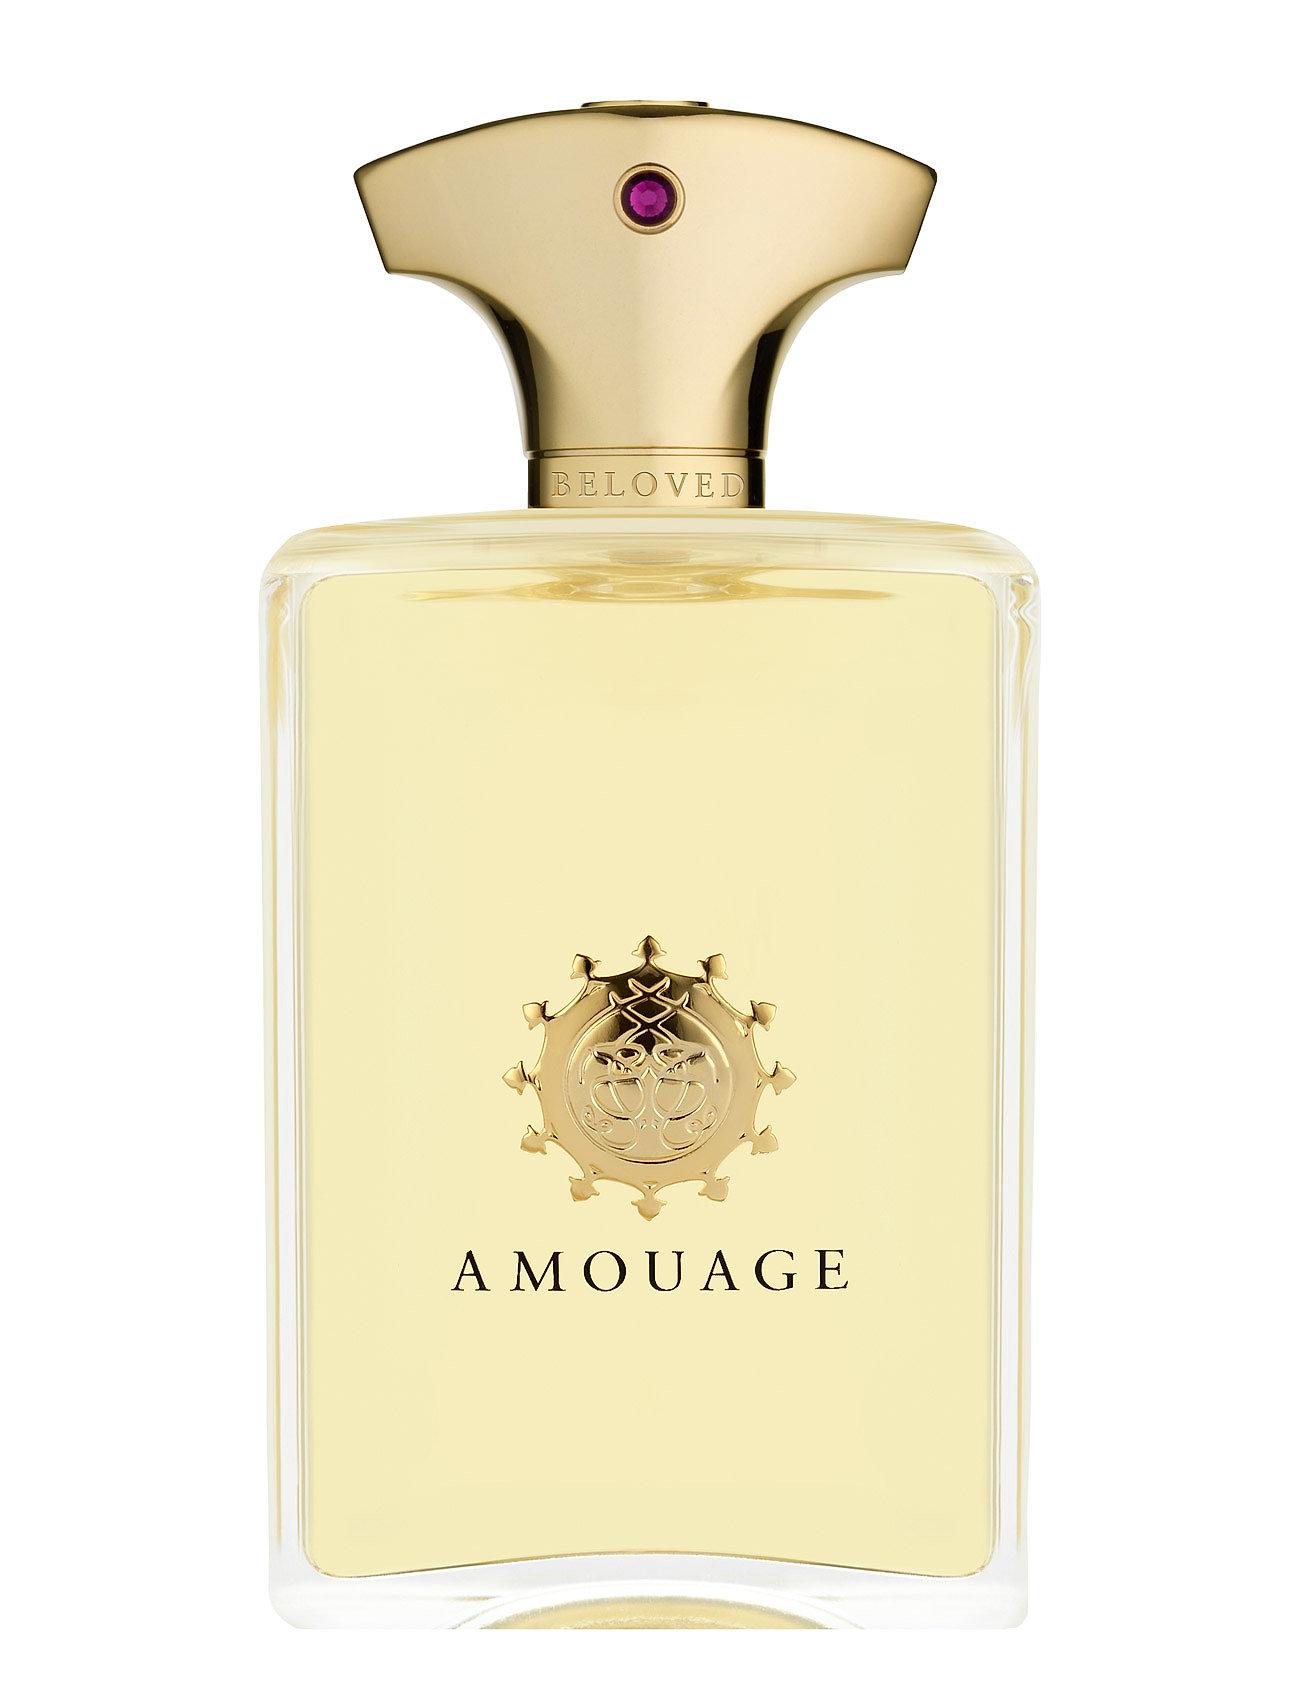 amouage – Beloved woman fra boozt.com dk